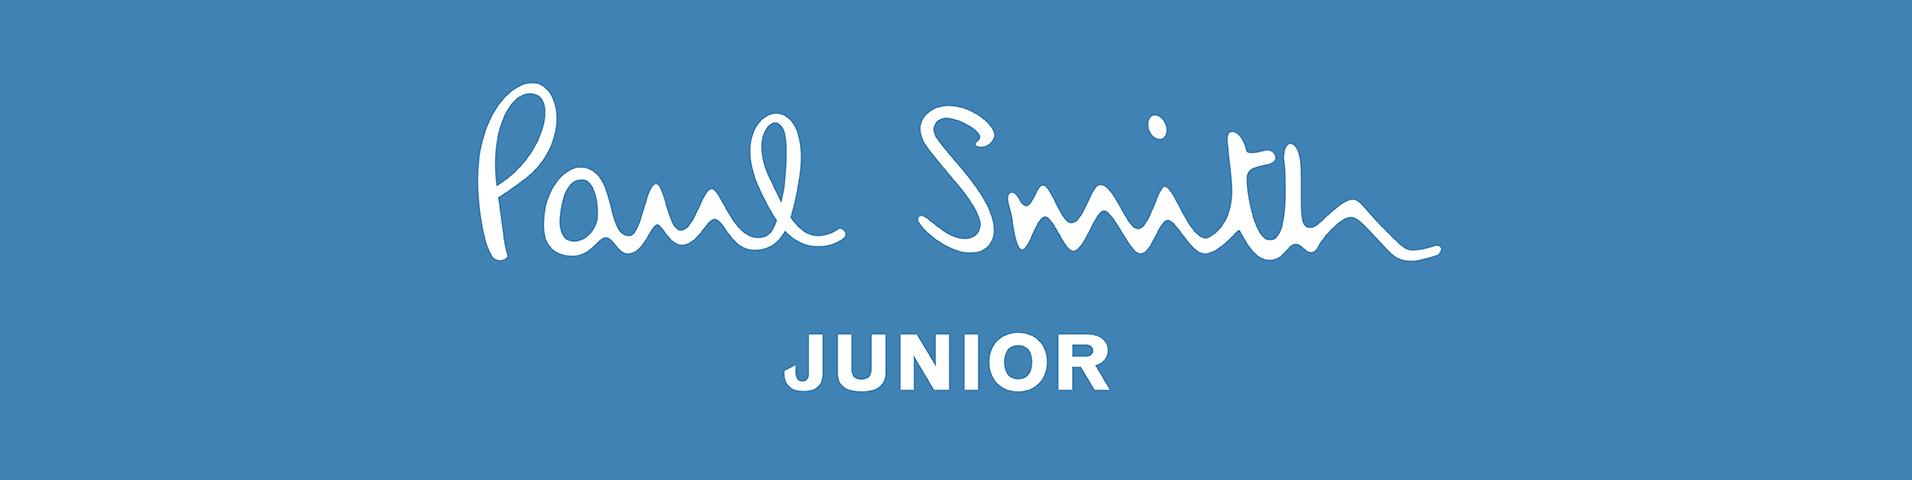 Abbigliamento per bambini Paul Smith Junior | Saldi su Zalando